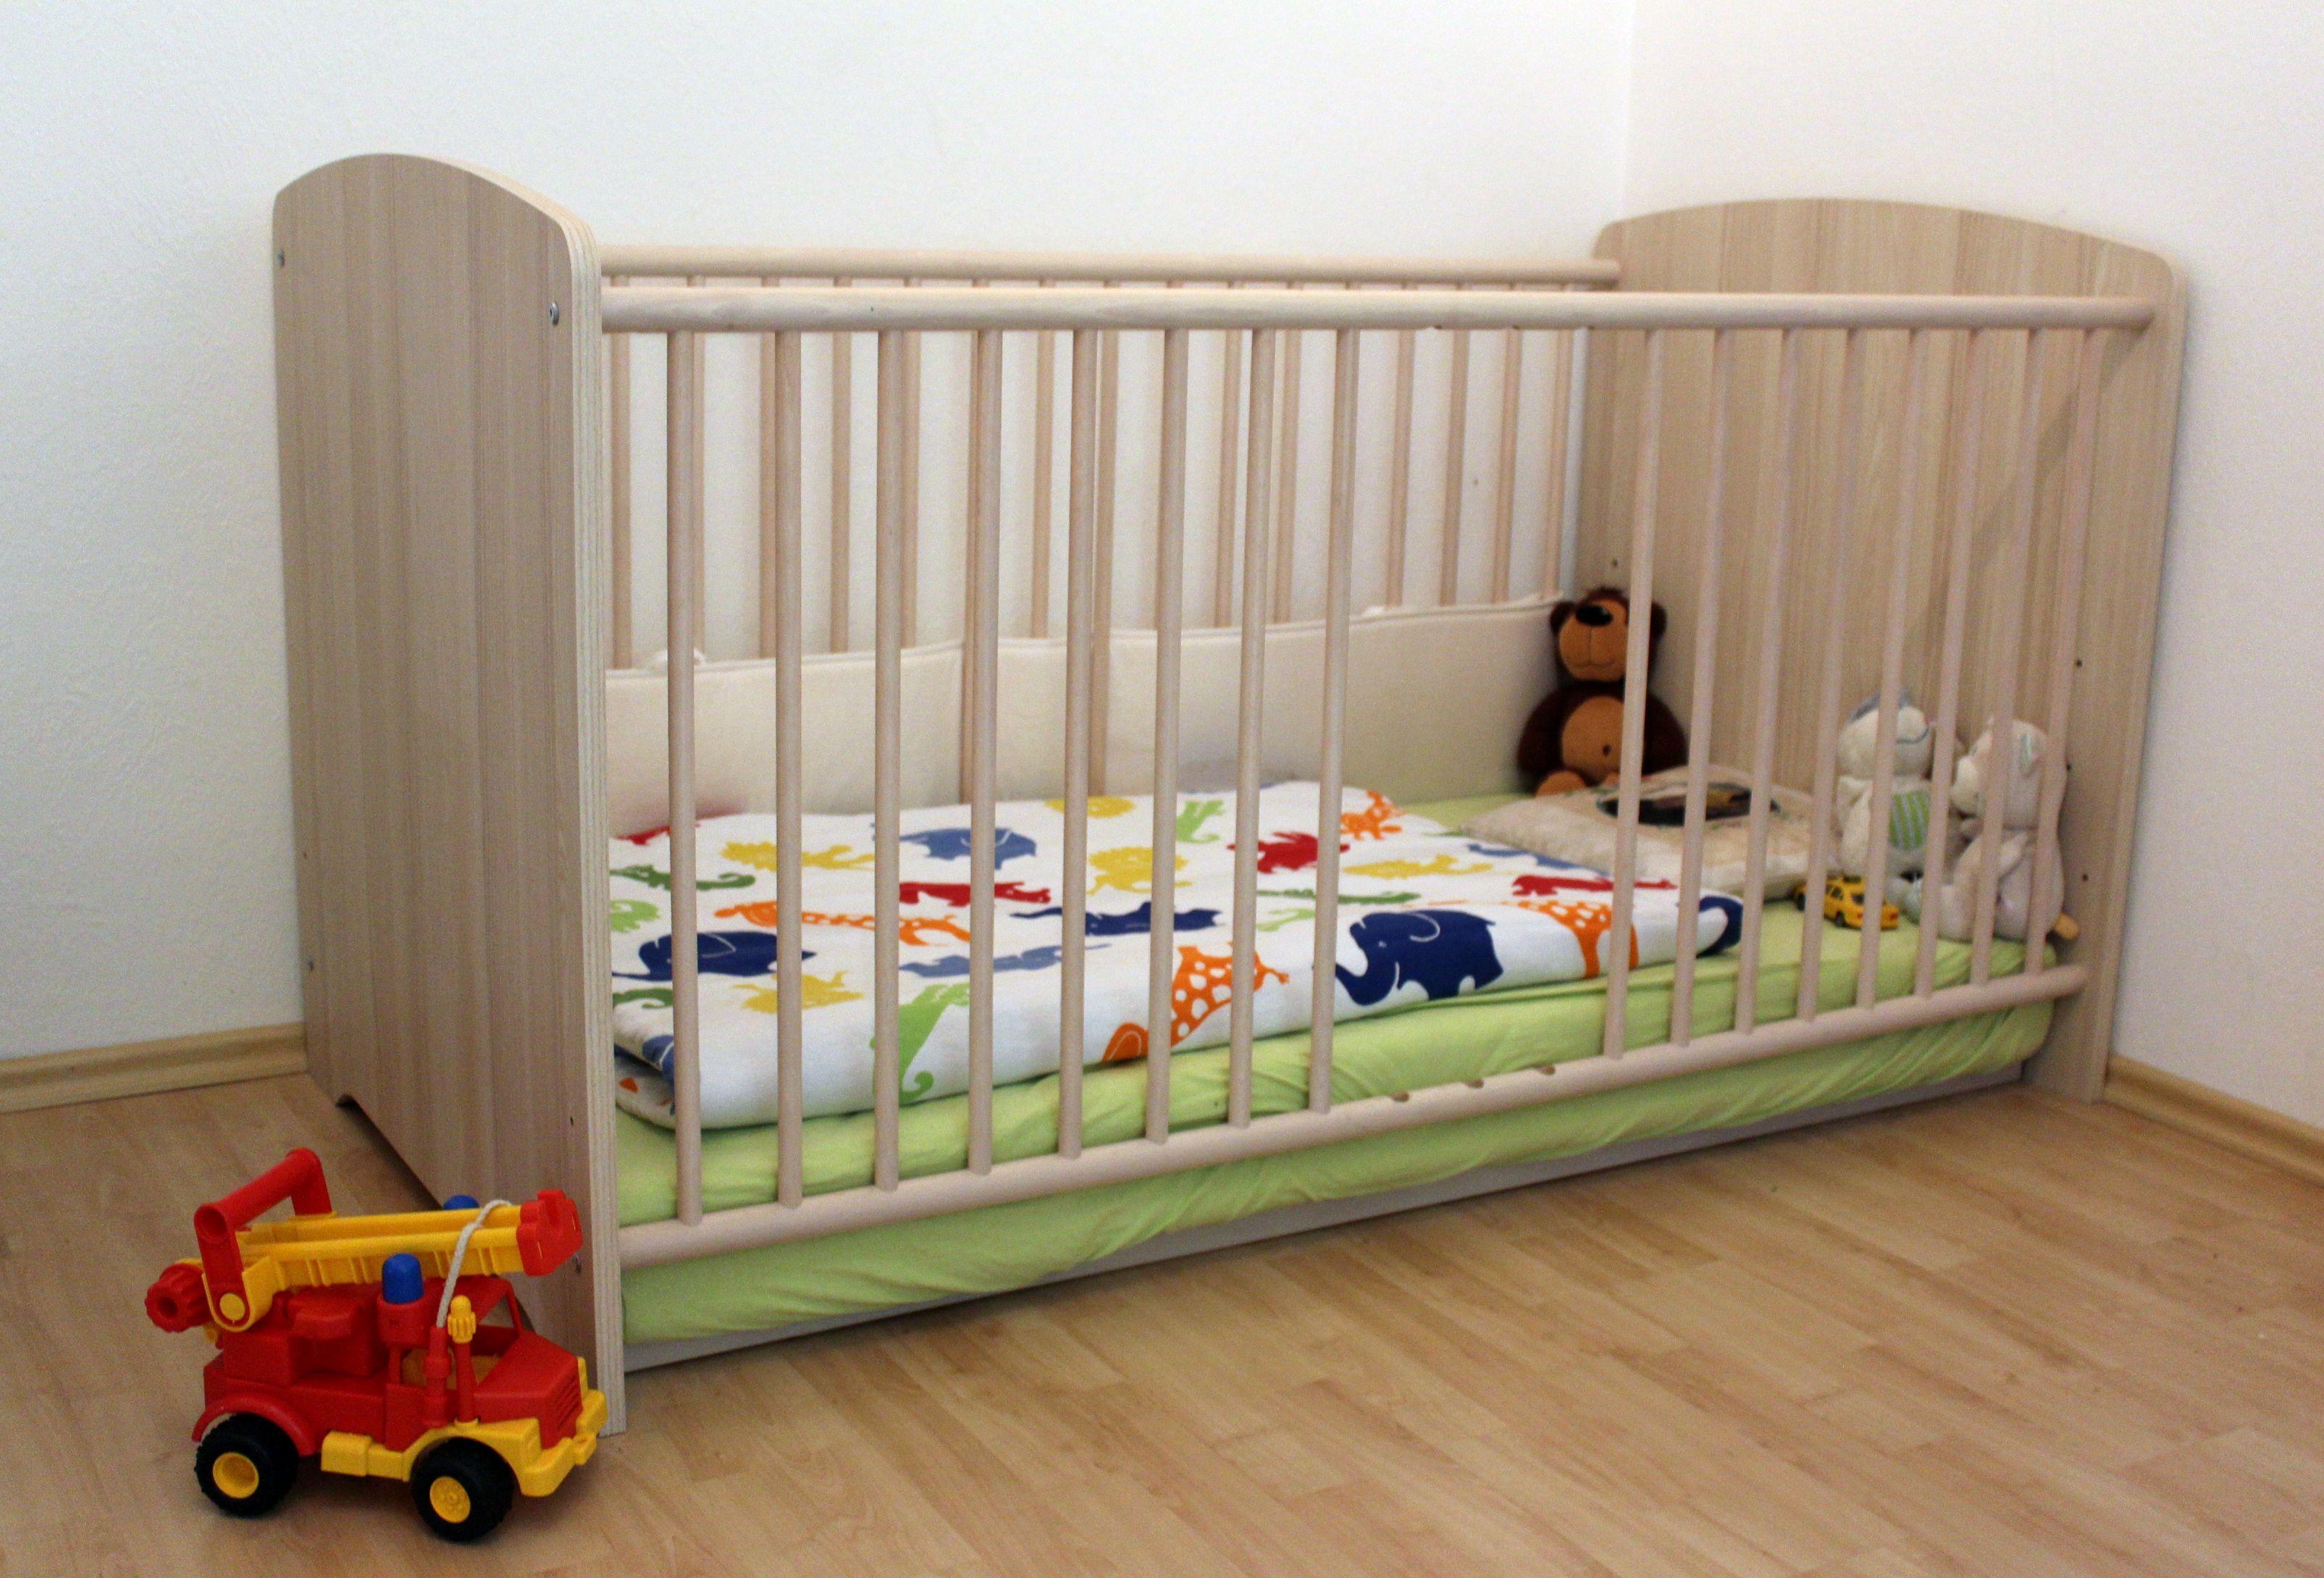 Kinderbett, Einschlafen, Schlafengehen